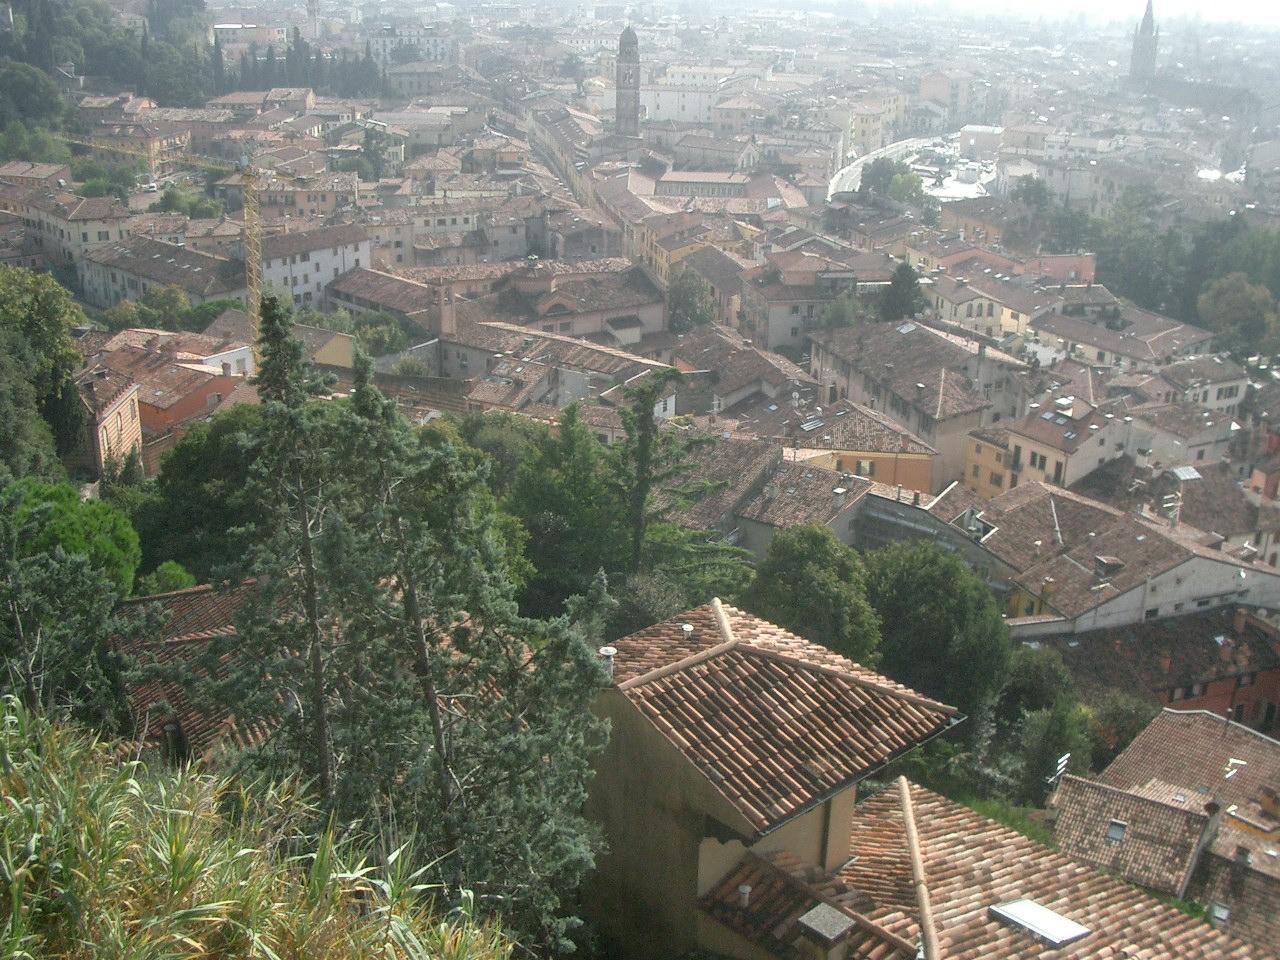 ヴェローナ市街の画像 p1_35